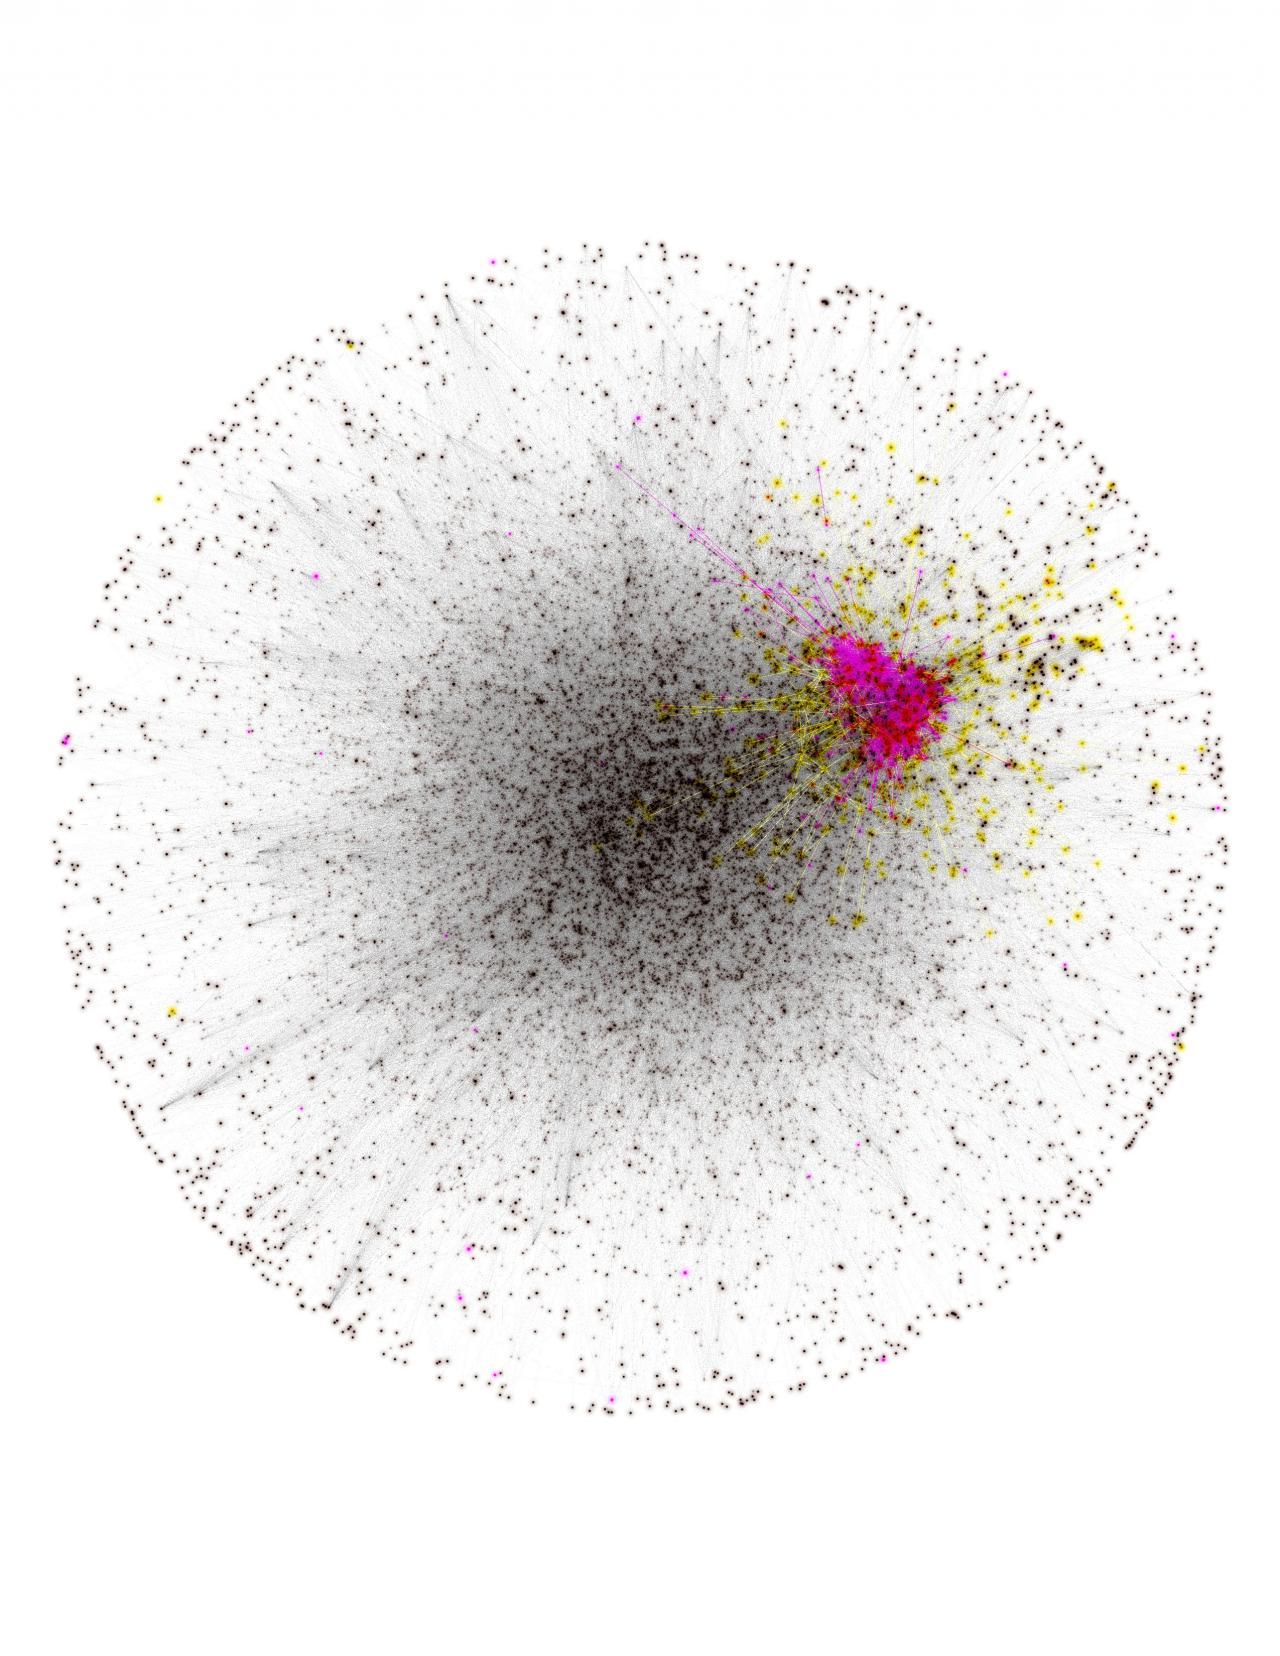 Zu sehen ist eine Visualisierung eines Netzwerkes. Das Netzwerk sieht aus wie ein Ball. In der Mitte kumulieren sich mehr Kanten und Knoten als weiter weg von der Mitte.